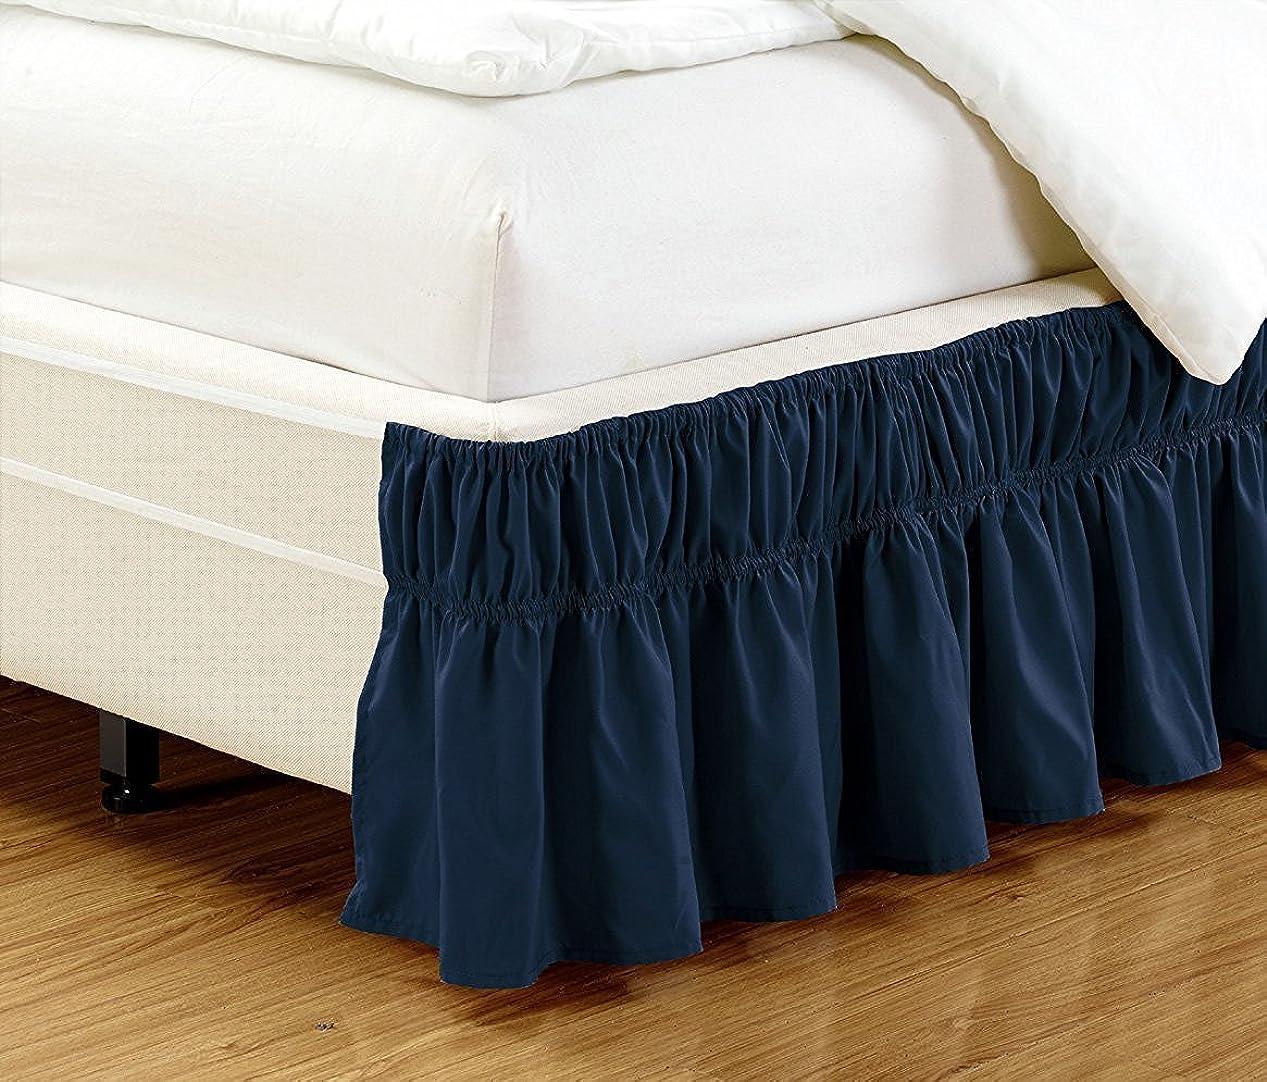 裁定絶滅させるゴールドリネン プラス ツイン-フルサイズ 伸縮ベッドスカート 43.18cm ドロップ イージーオン/イージーオフ ダストフリル付き 無地 ネイビーブルー